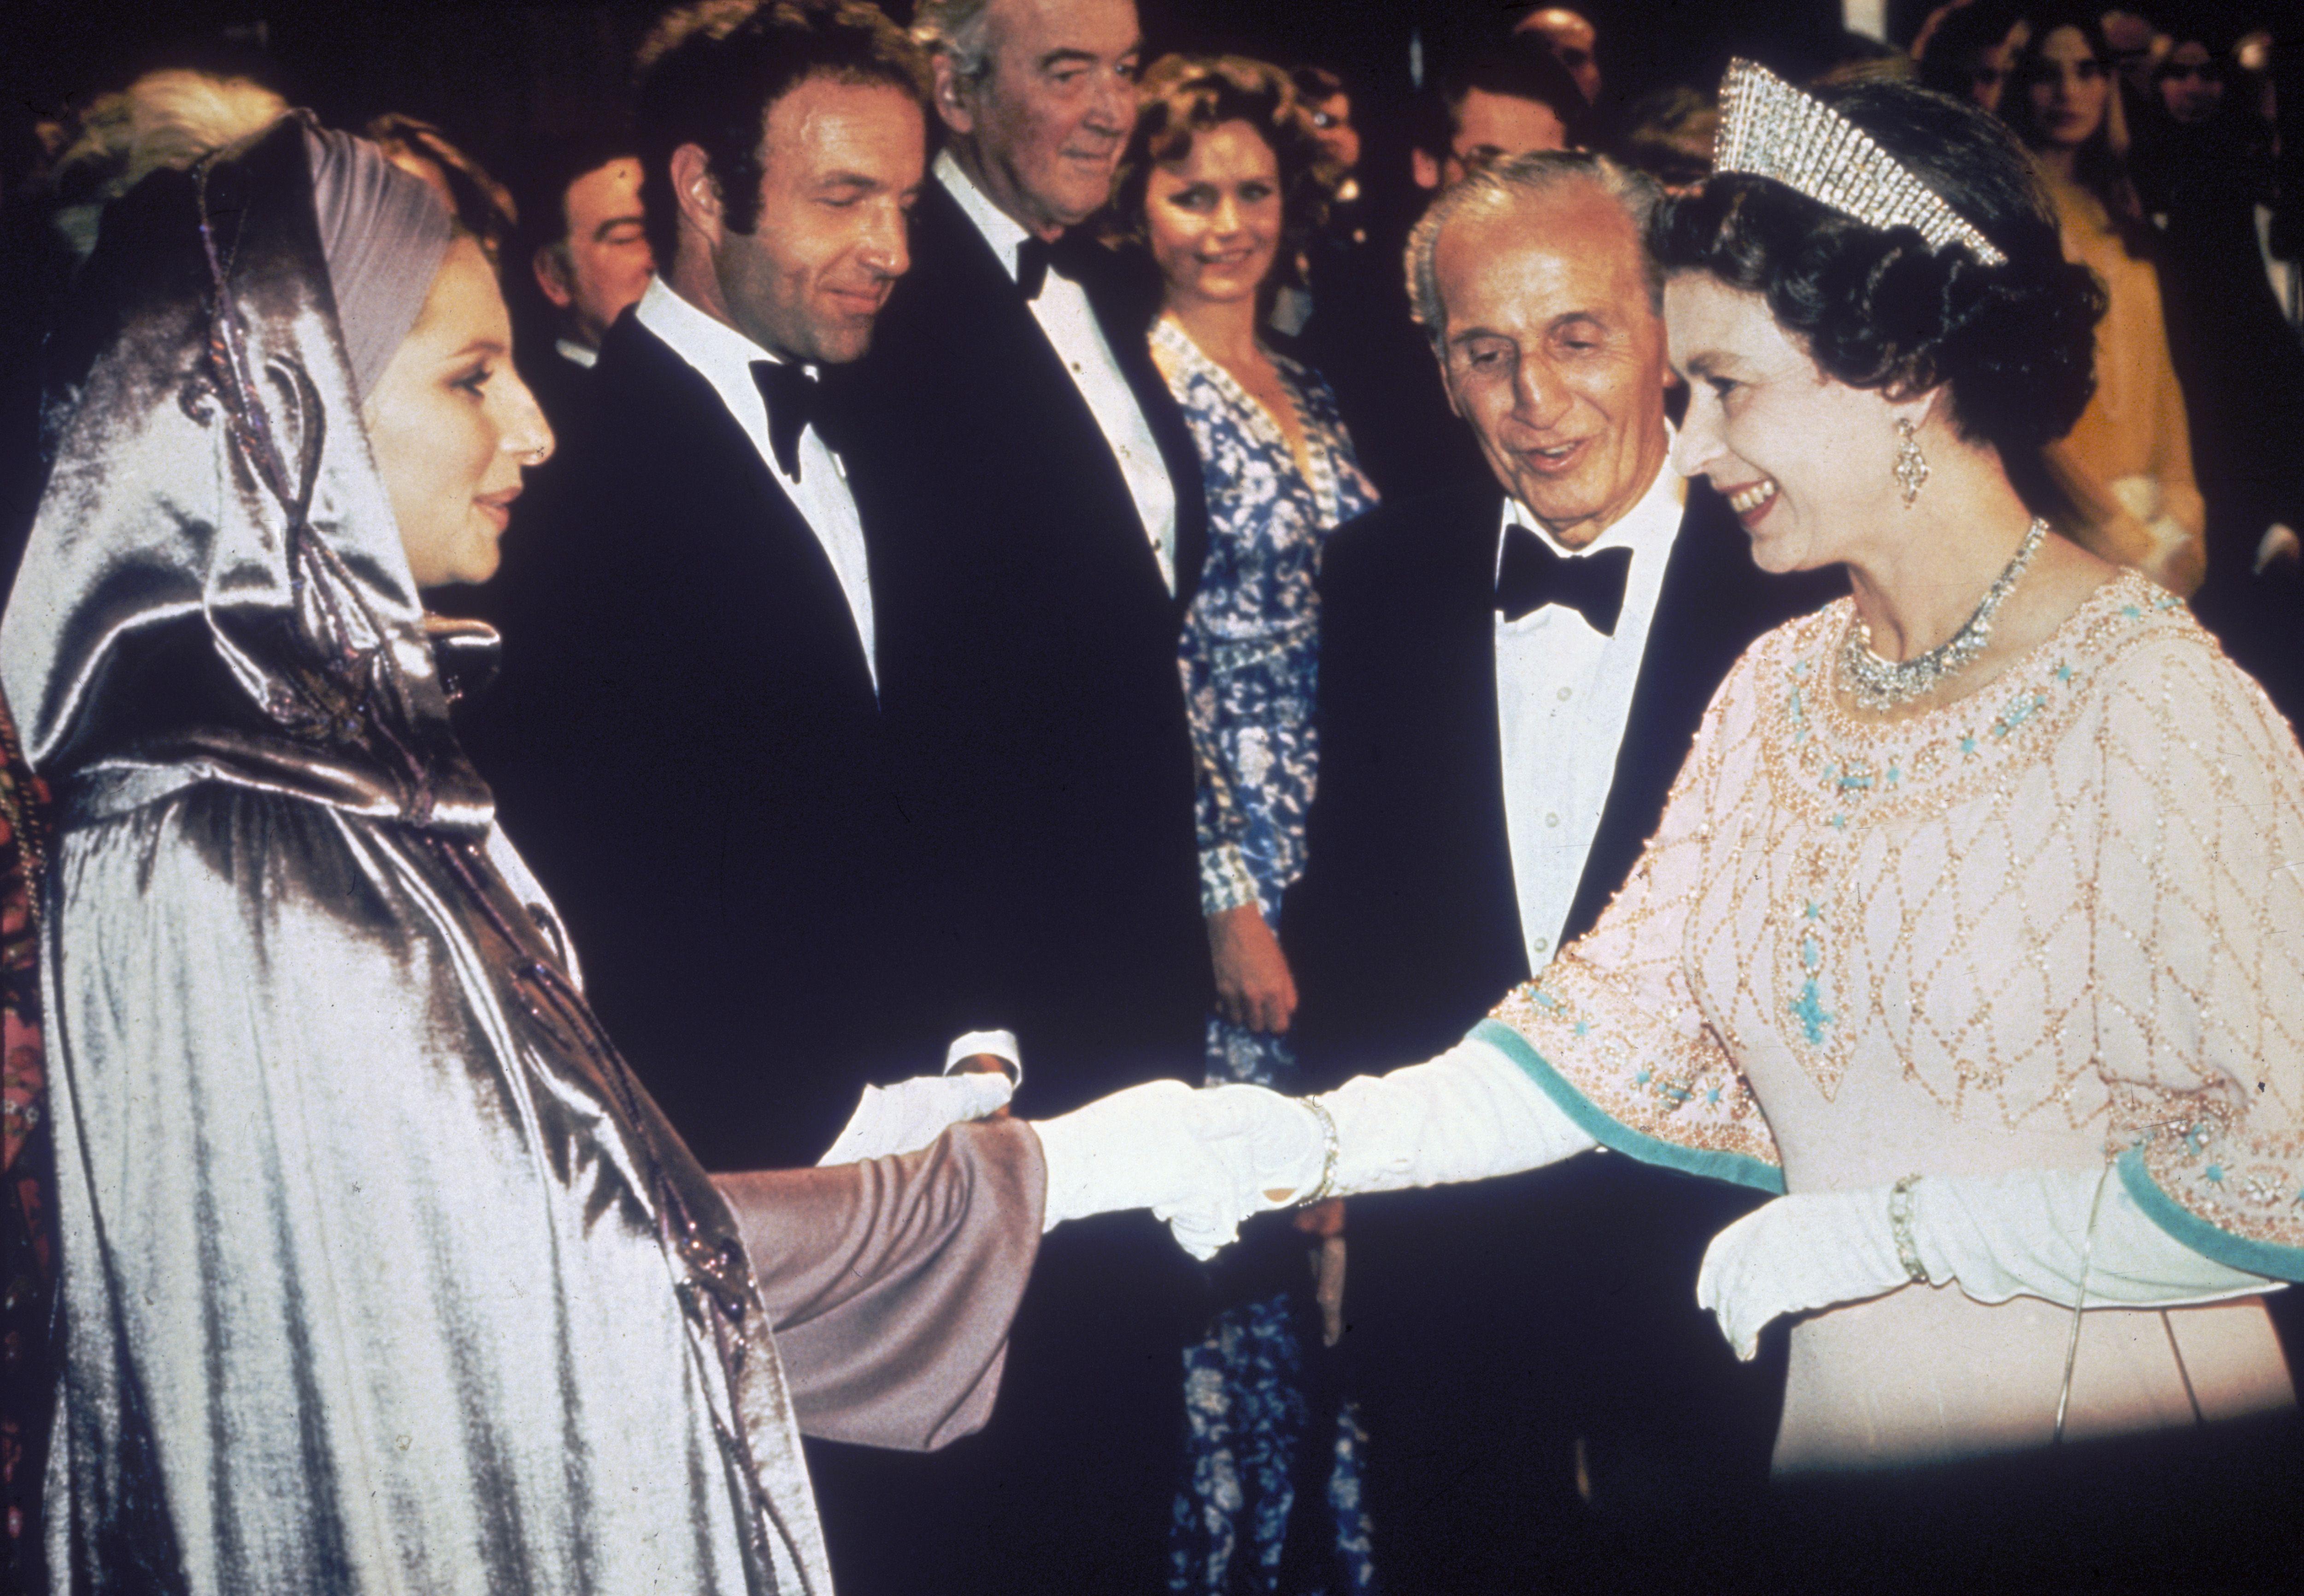 女王との謁見ファッション